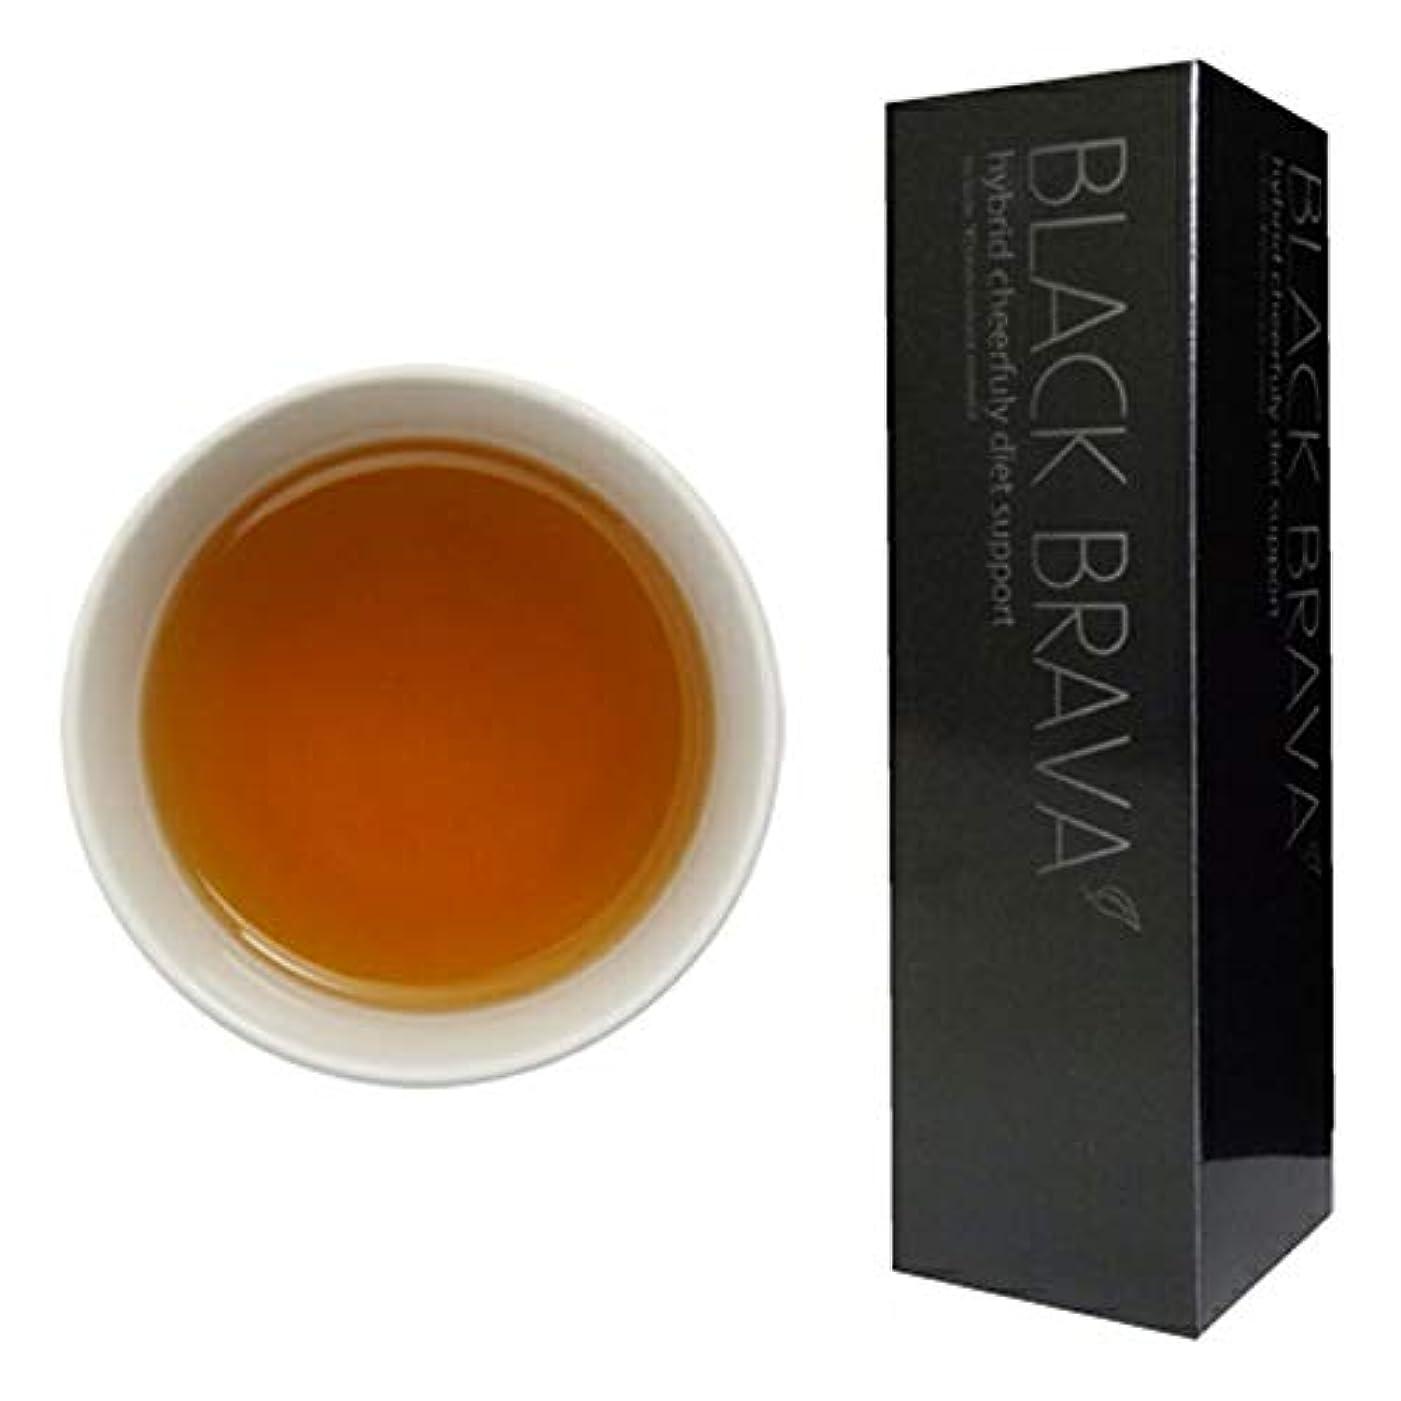 ブラバ が進化 ダイエットティー ハイブリッド チアフリー ダイエットサポート ブラックブラバ ブラバ茶 2本セット